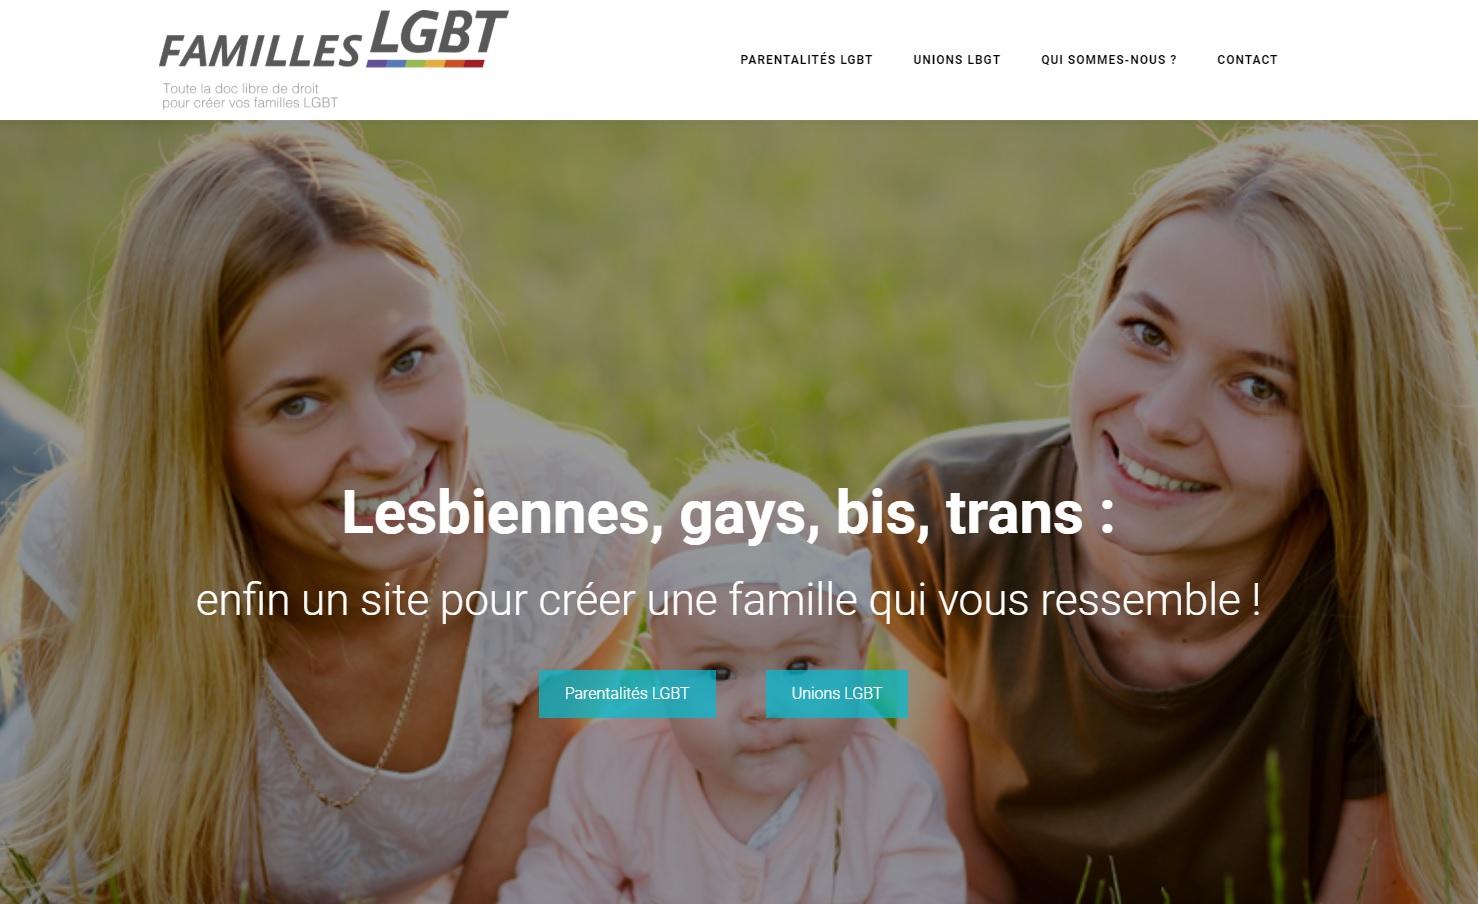 Conventions, pacs, mariage, parrainage : Une plateforme dédiée pour les personnes souhaitant organiser leur parentalité et union